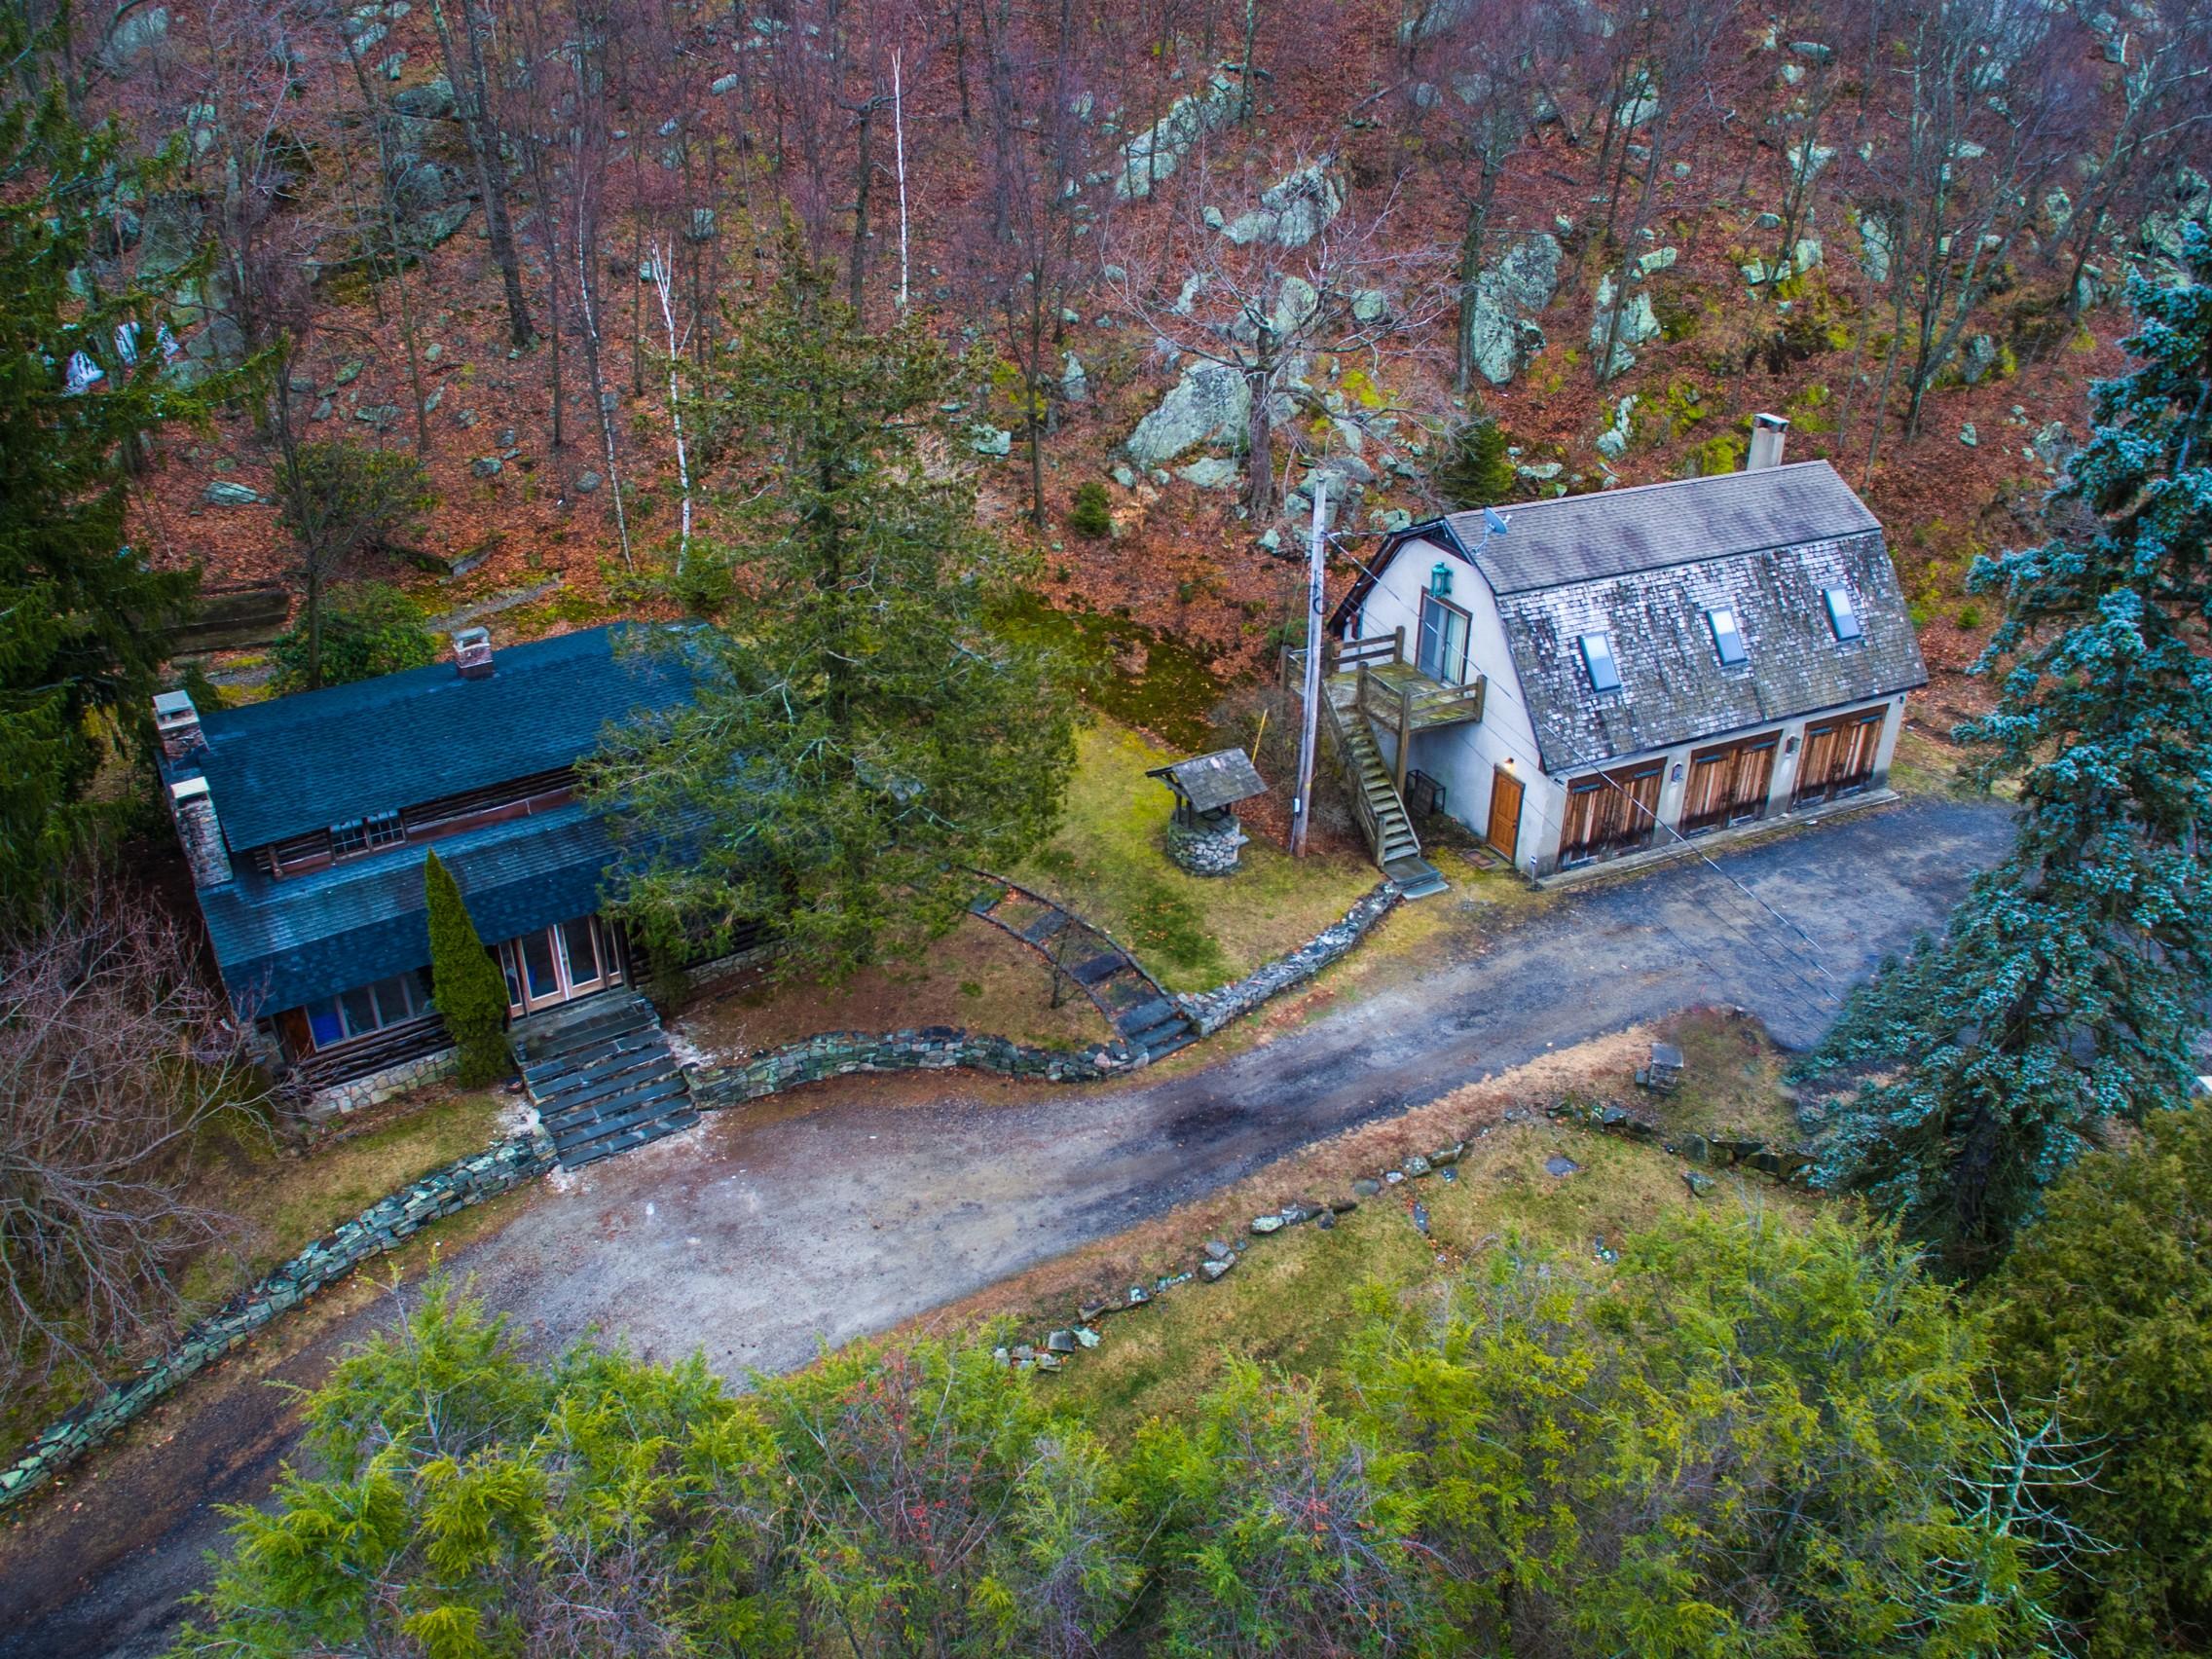 Casa Unifamiliar por un Venta en Hudson Valley Compound 971 State Hwy 17a Warwick, Nueva York, 10925 Estados Unidos